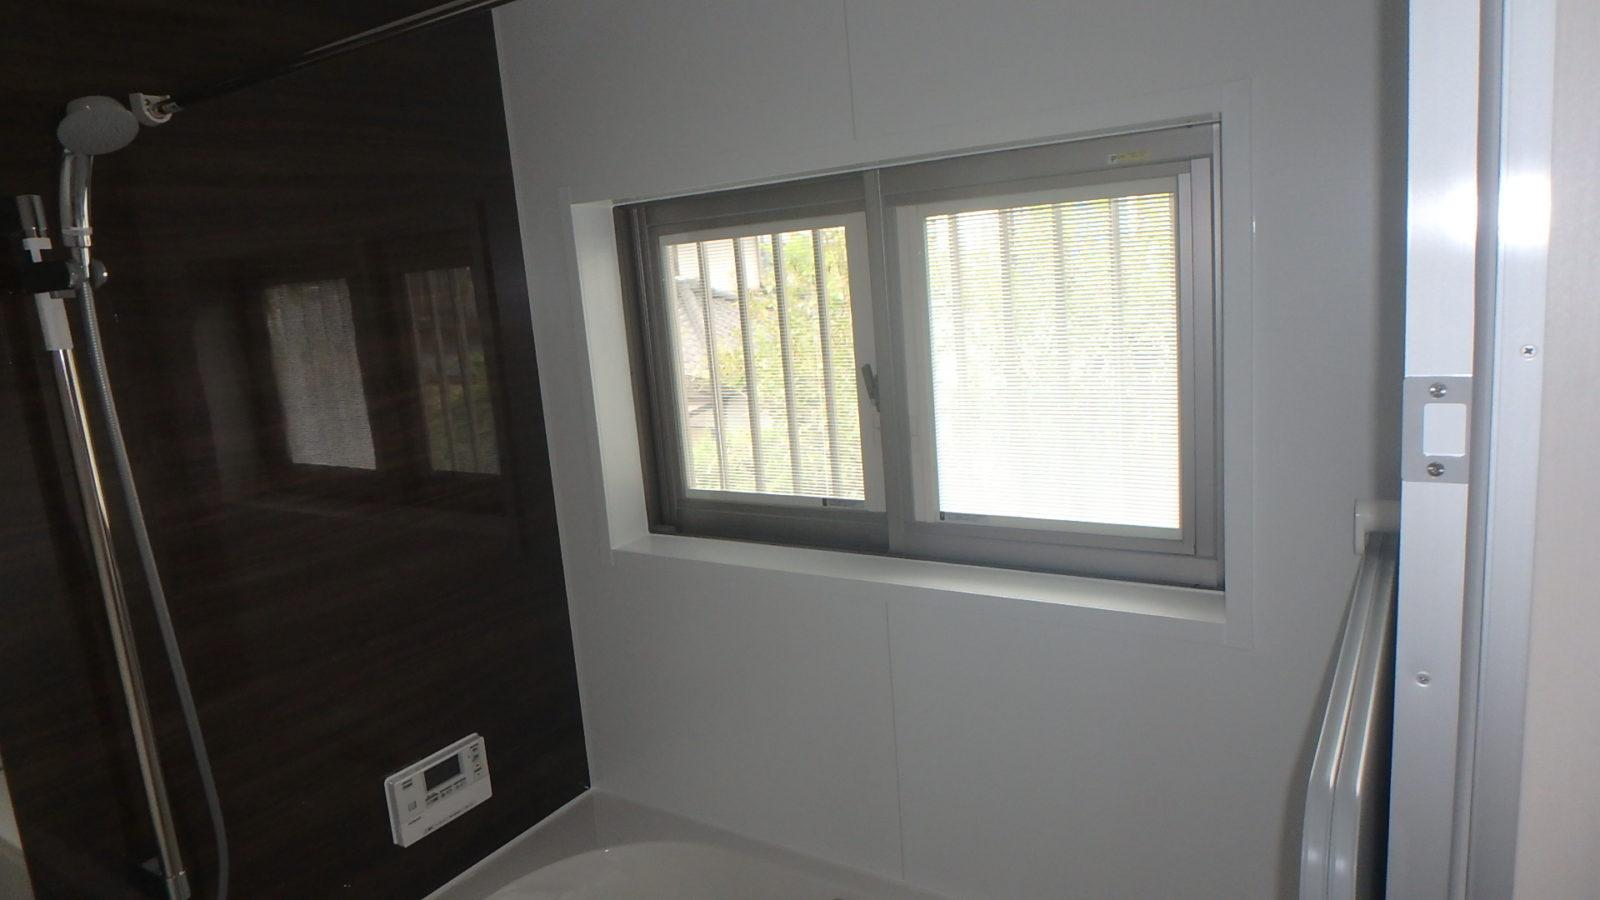 ブラインド内蔵型ペアガラス